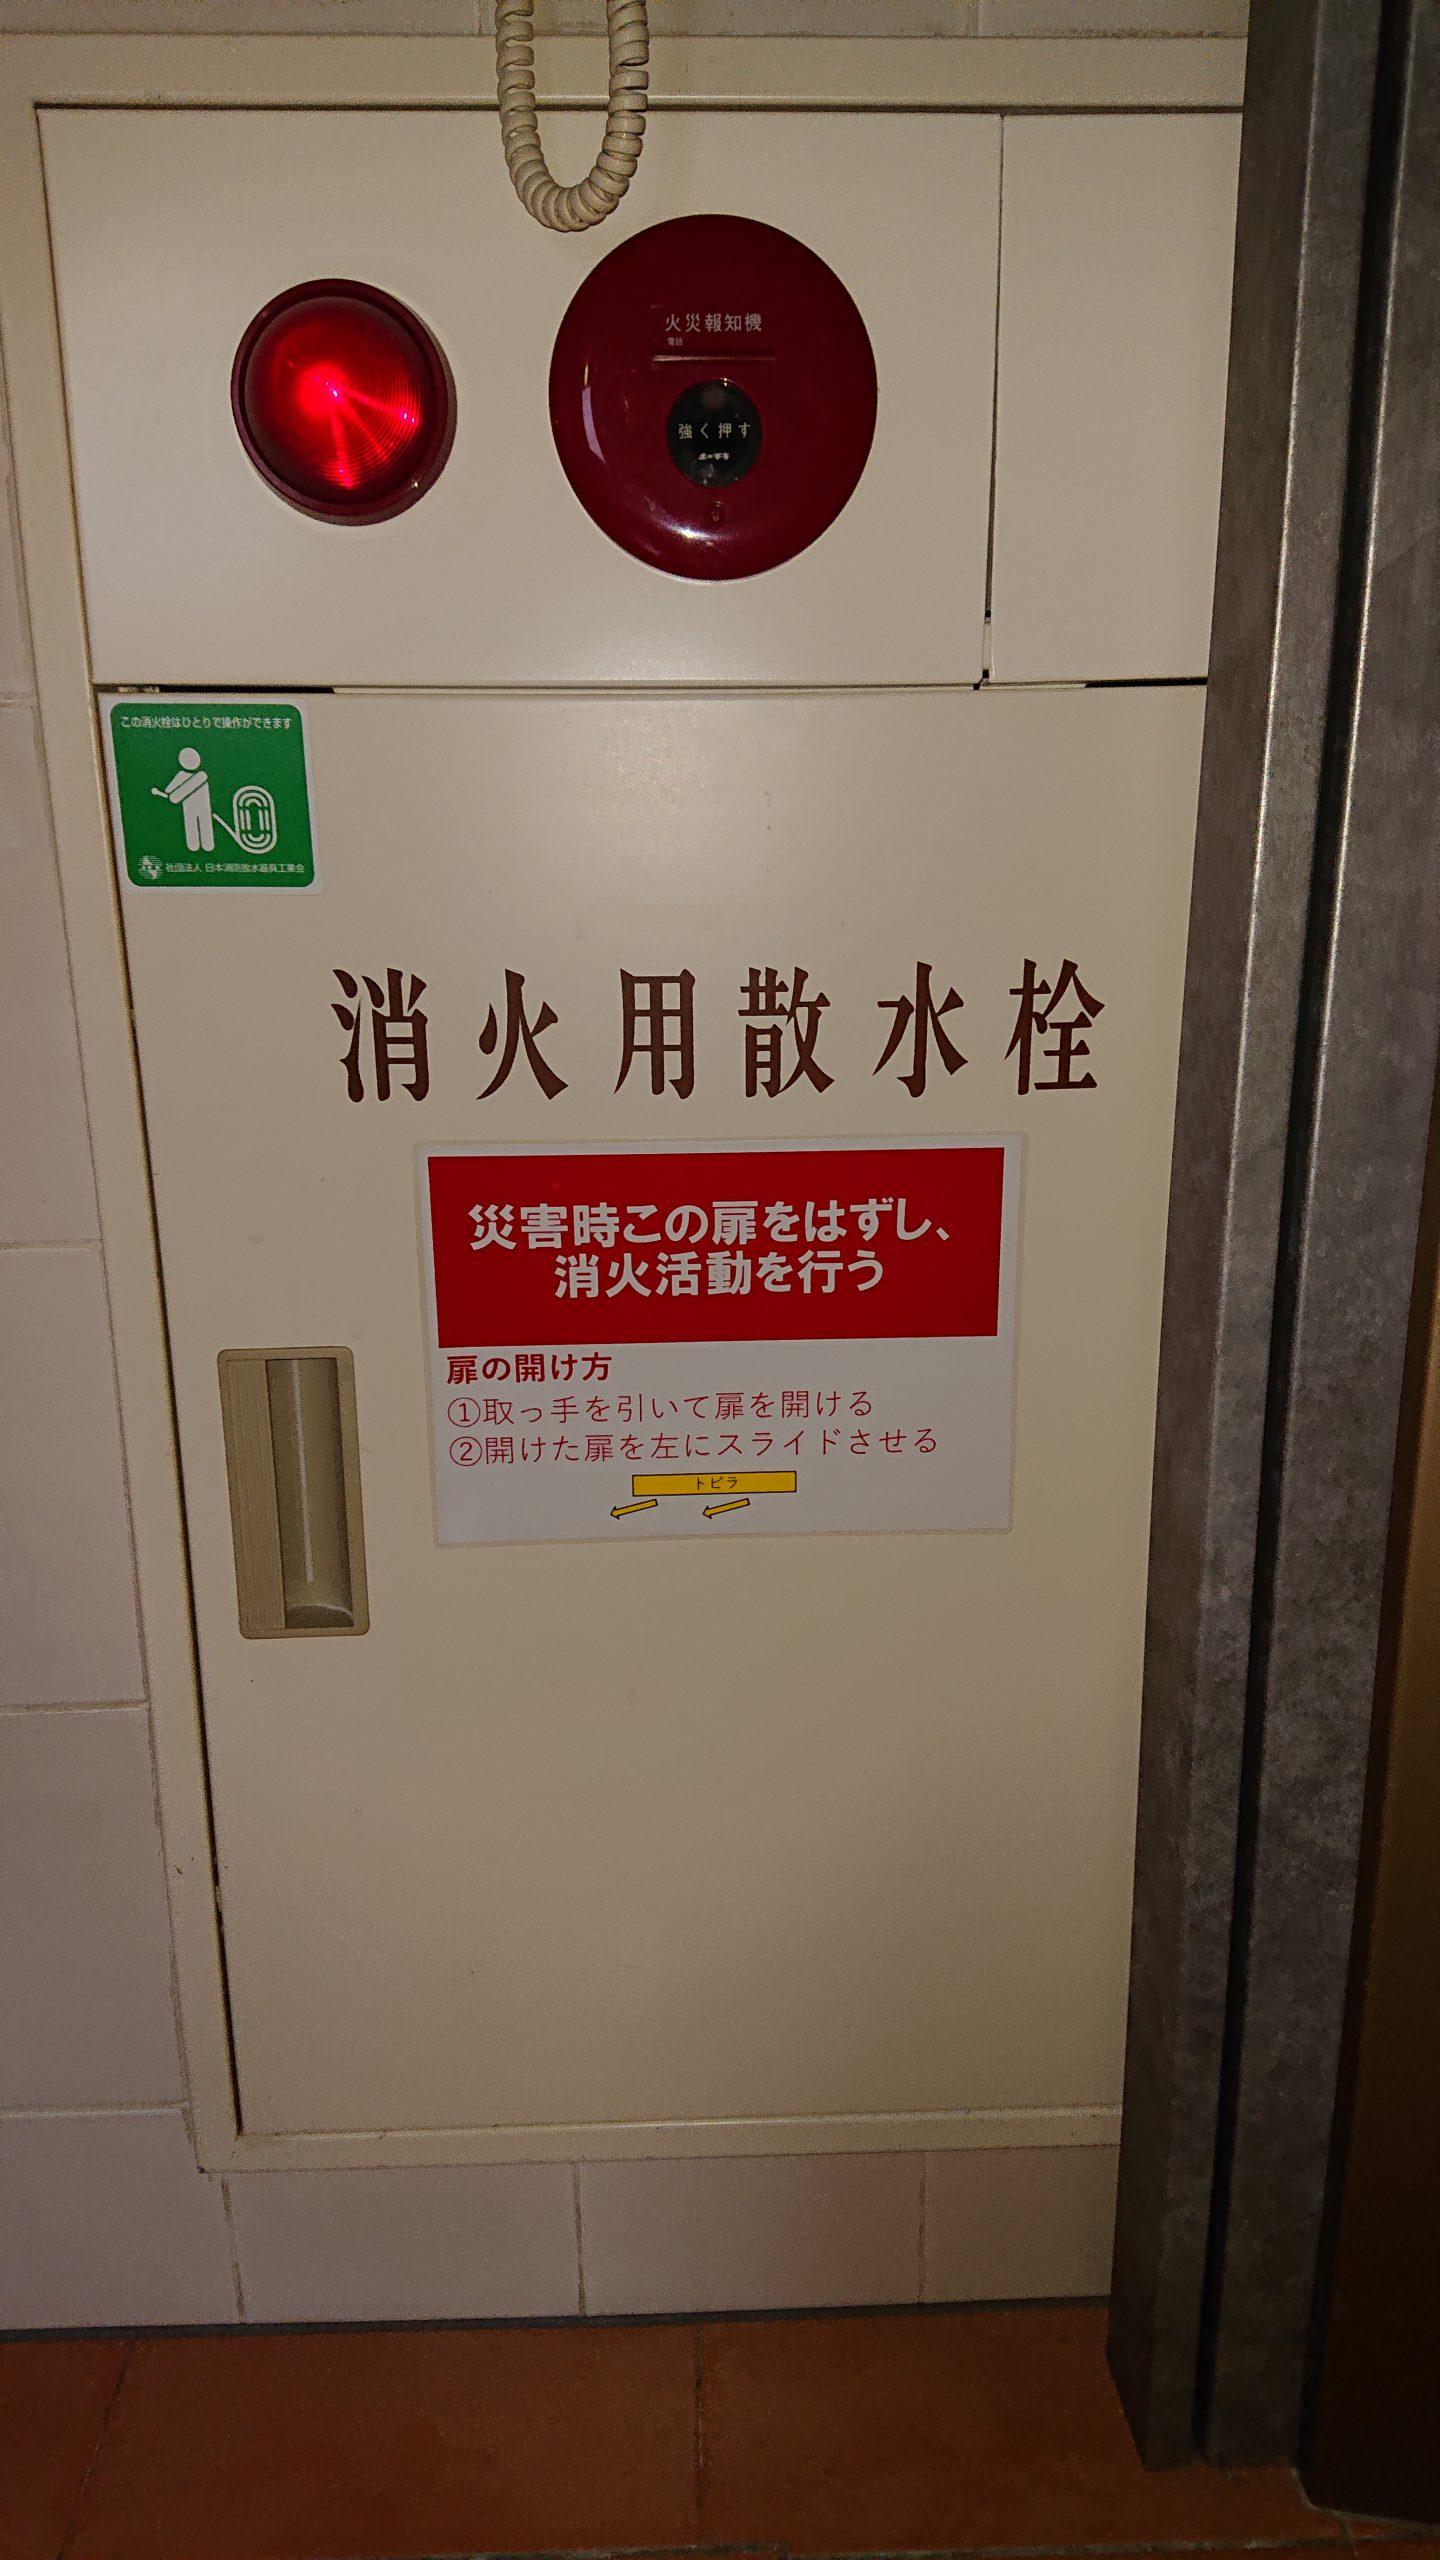 エルステージ館の各フロア消火栓扉表示を更新しました